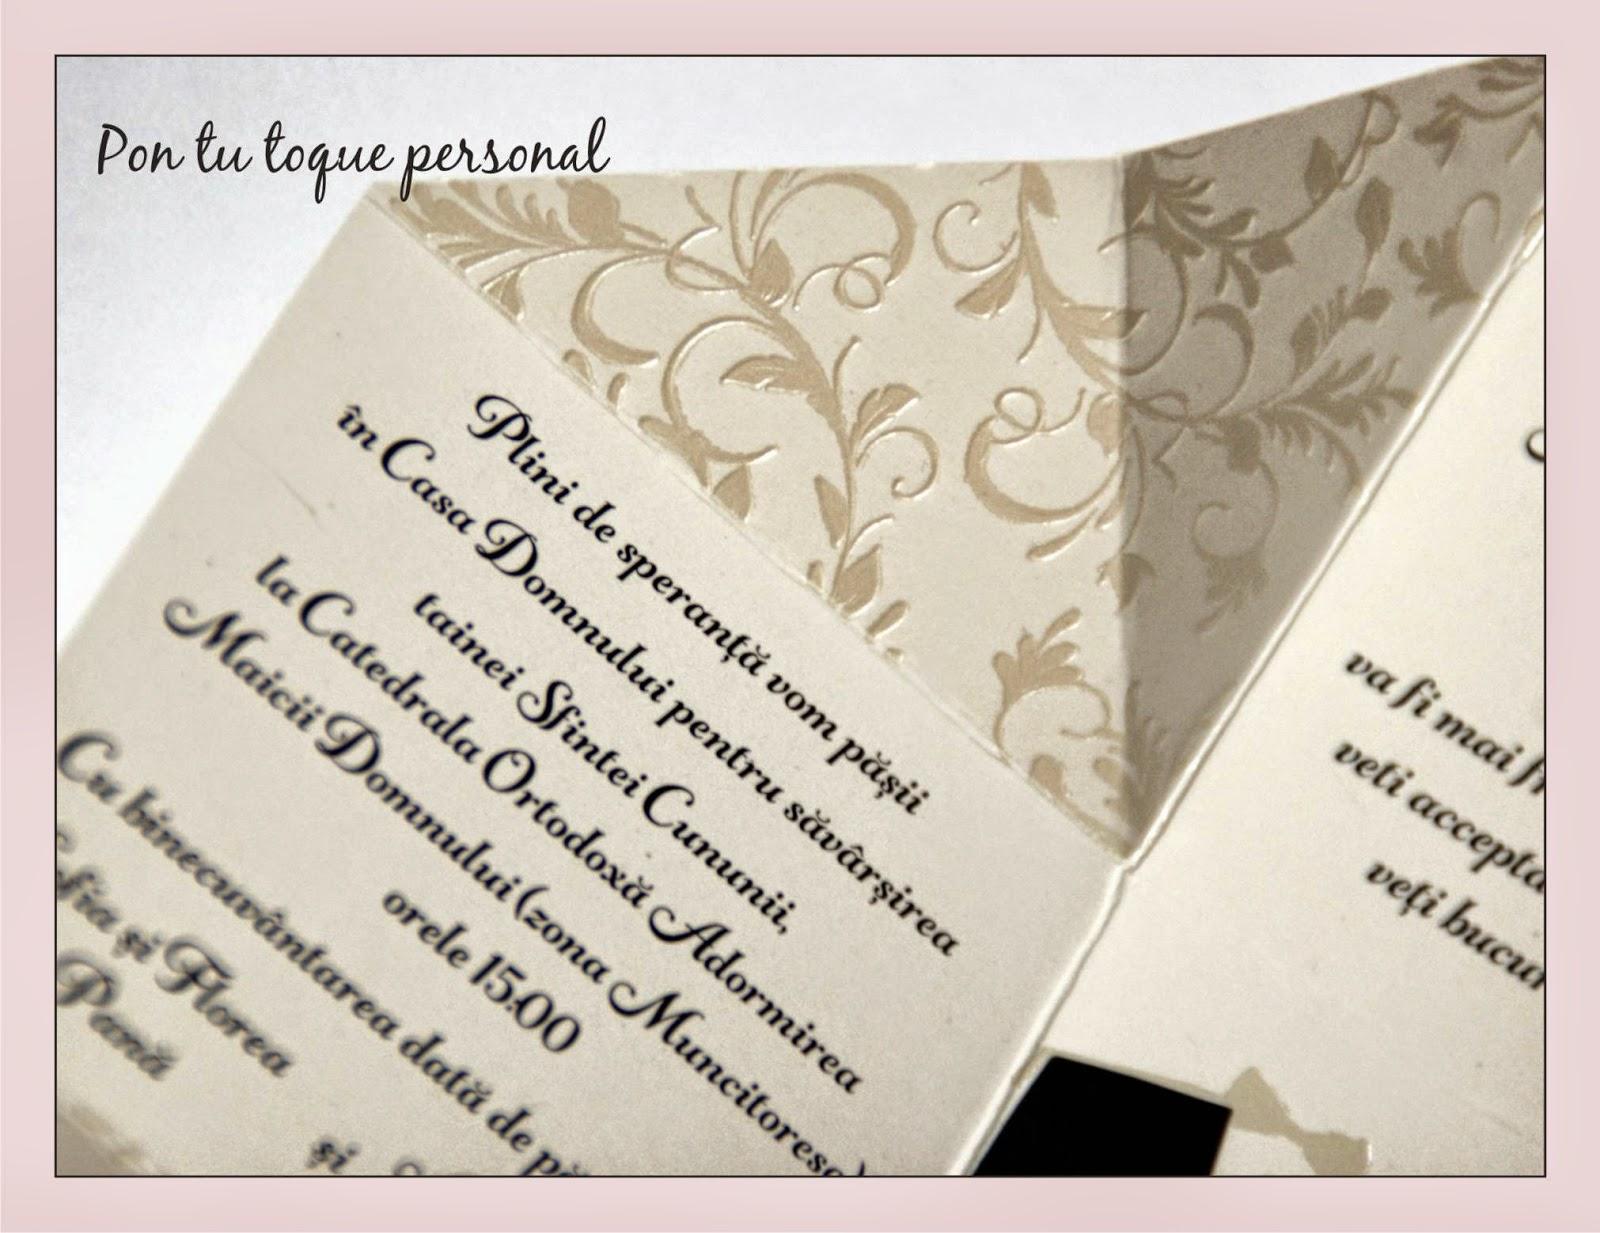 Pon tu toque personal Invitacin de boda original con forma de caja